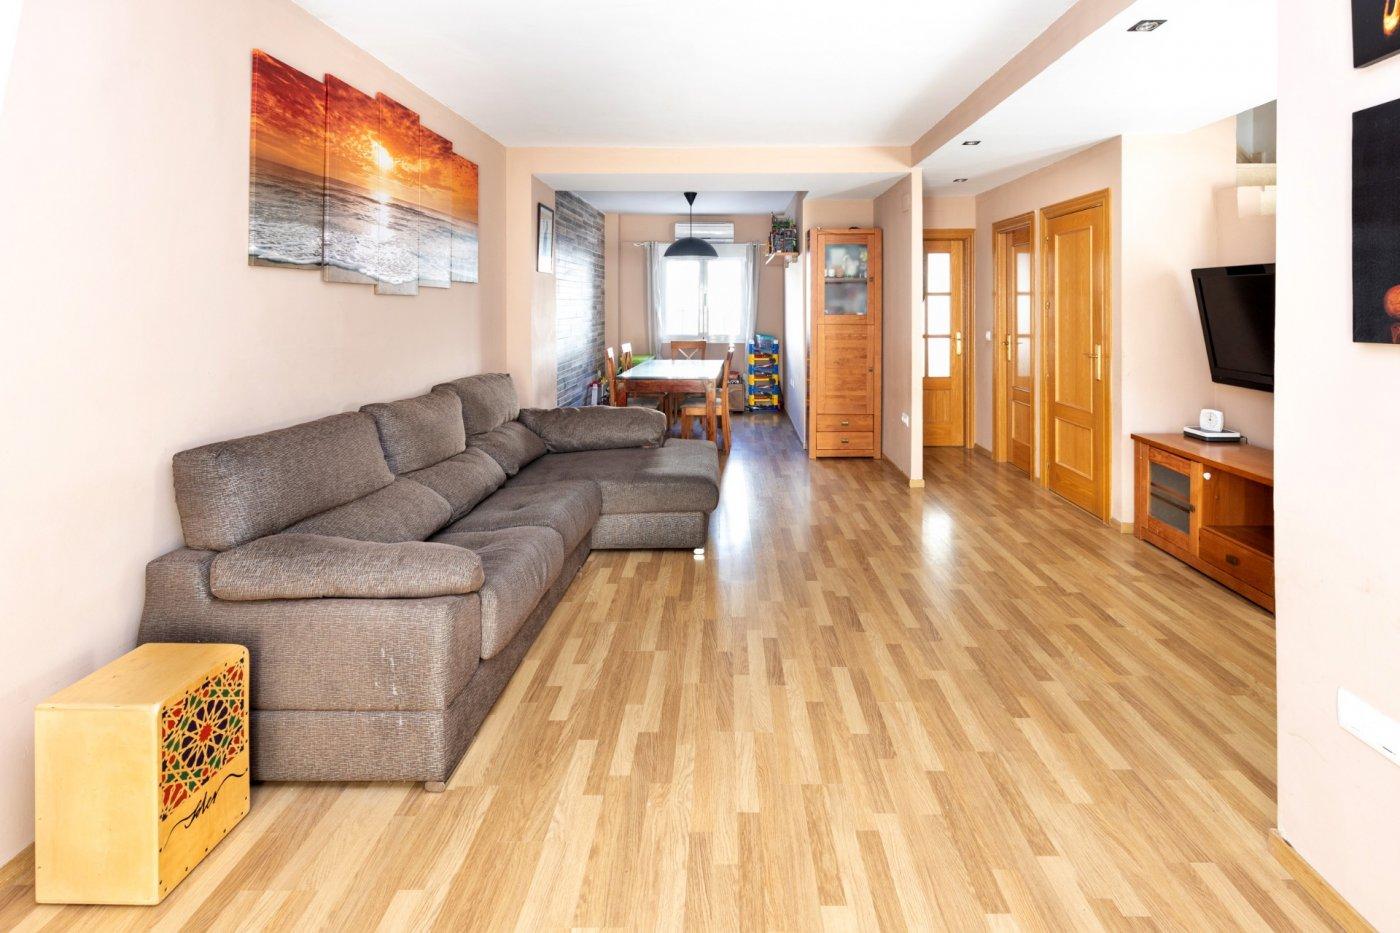 Bonita vivienda en belicena, lista para entrar a vivir: amplia ,luminosa ,buenas calidades..